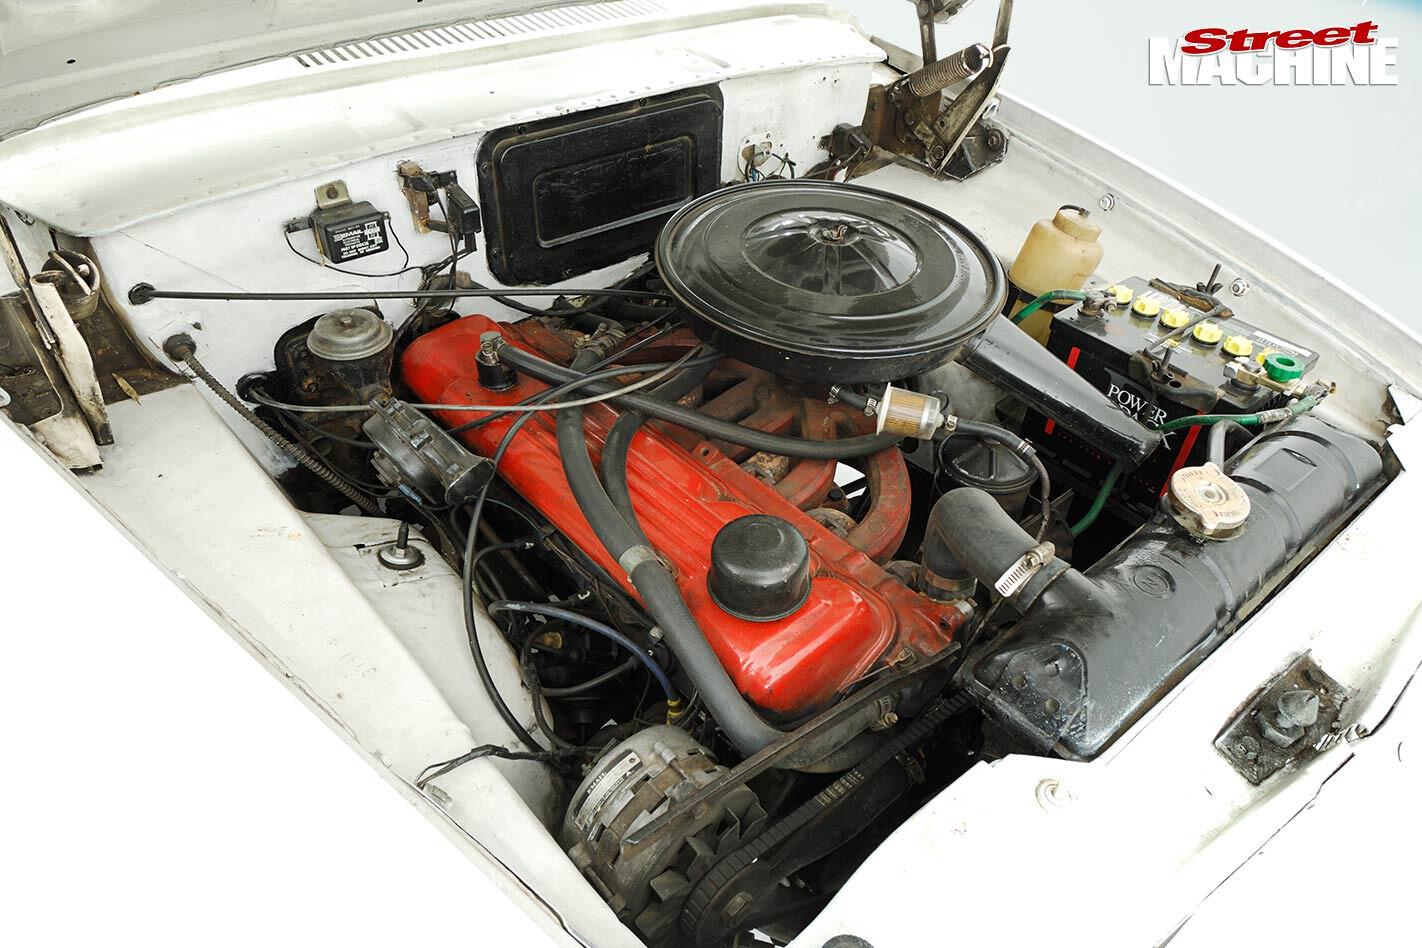 Chrysler Valiant s series engine bay